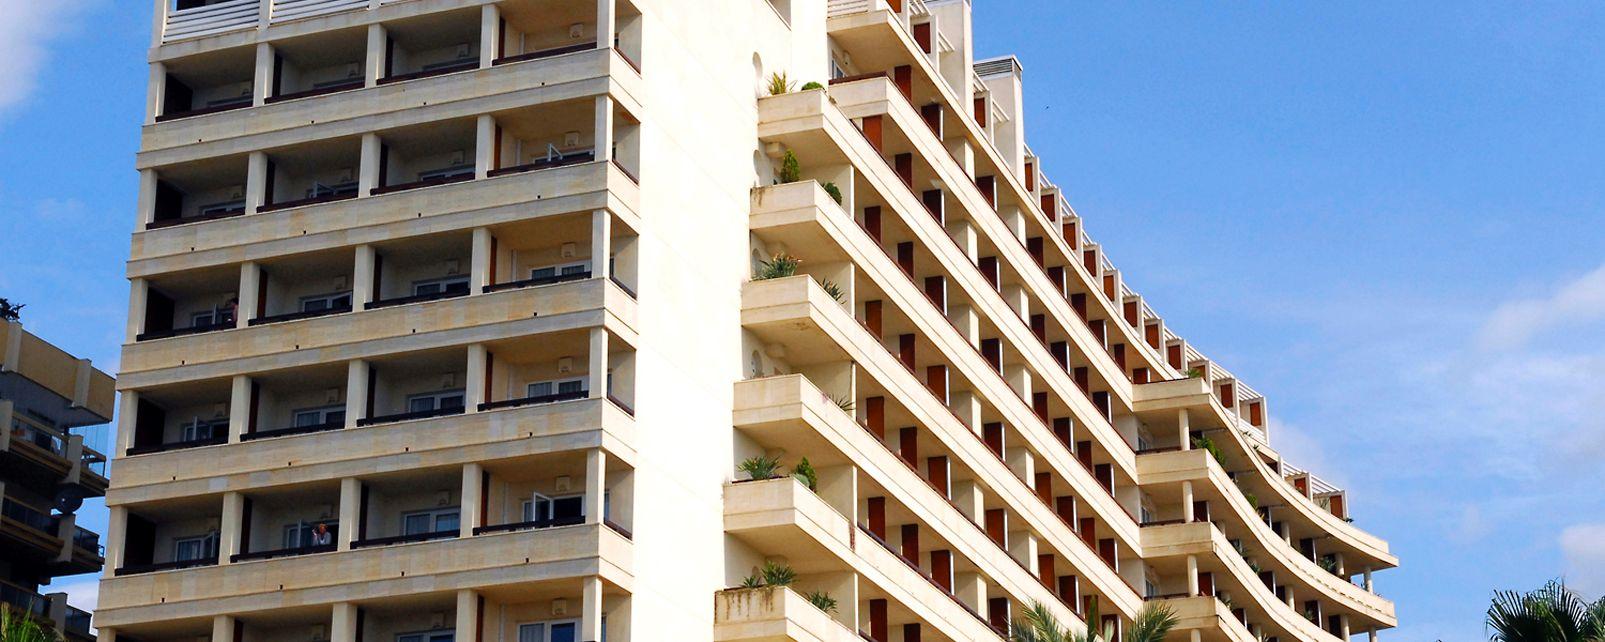 Hotel El Fuerte